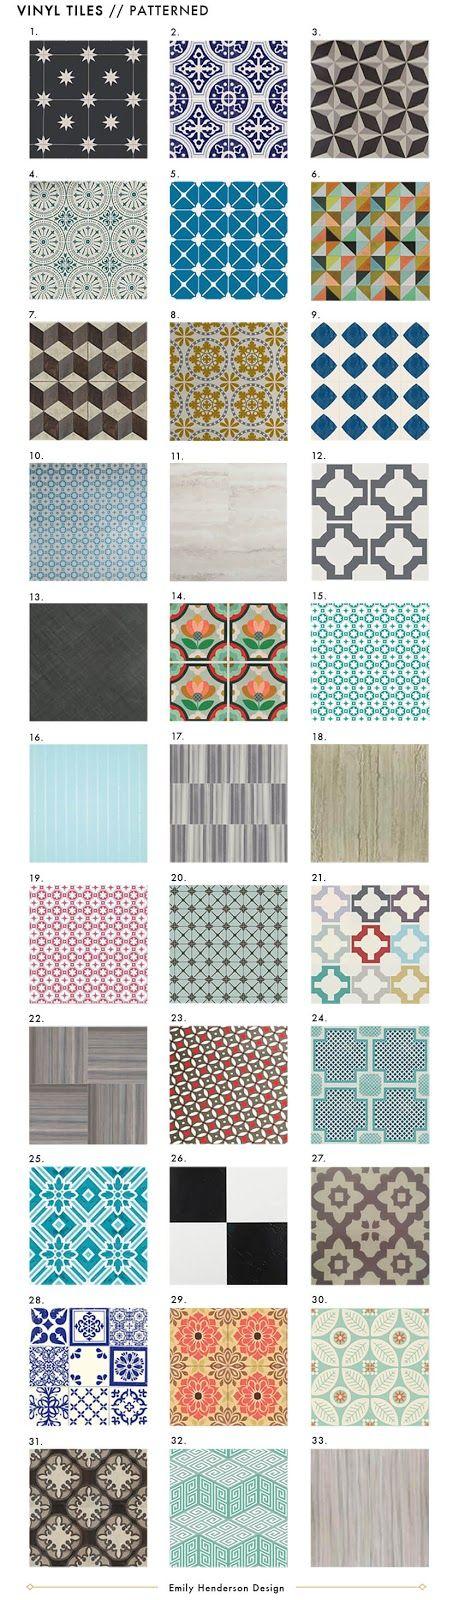 Best Affordable Vinyl Tile Bathroom Vinyl Tile Patterns